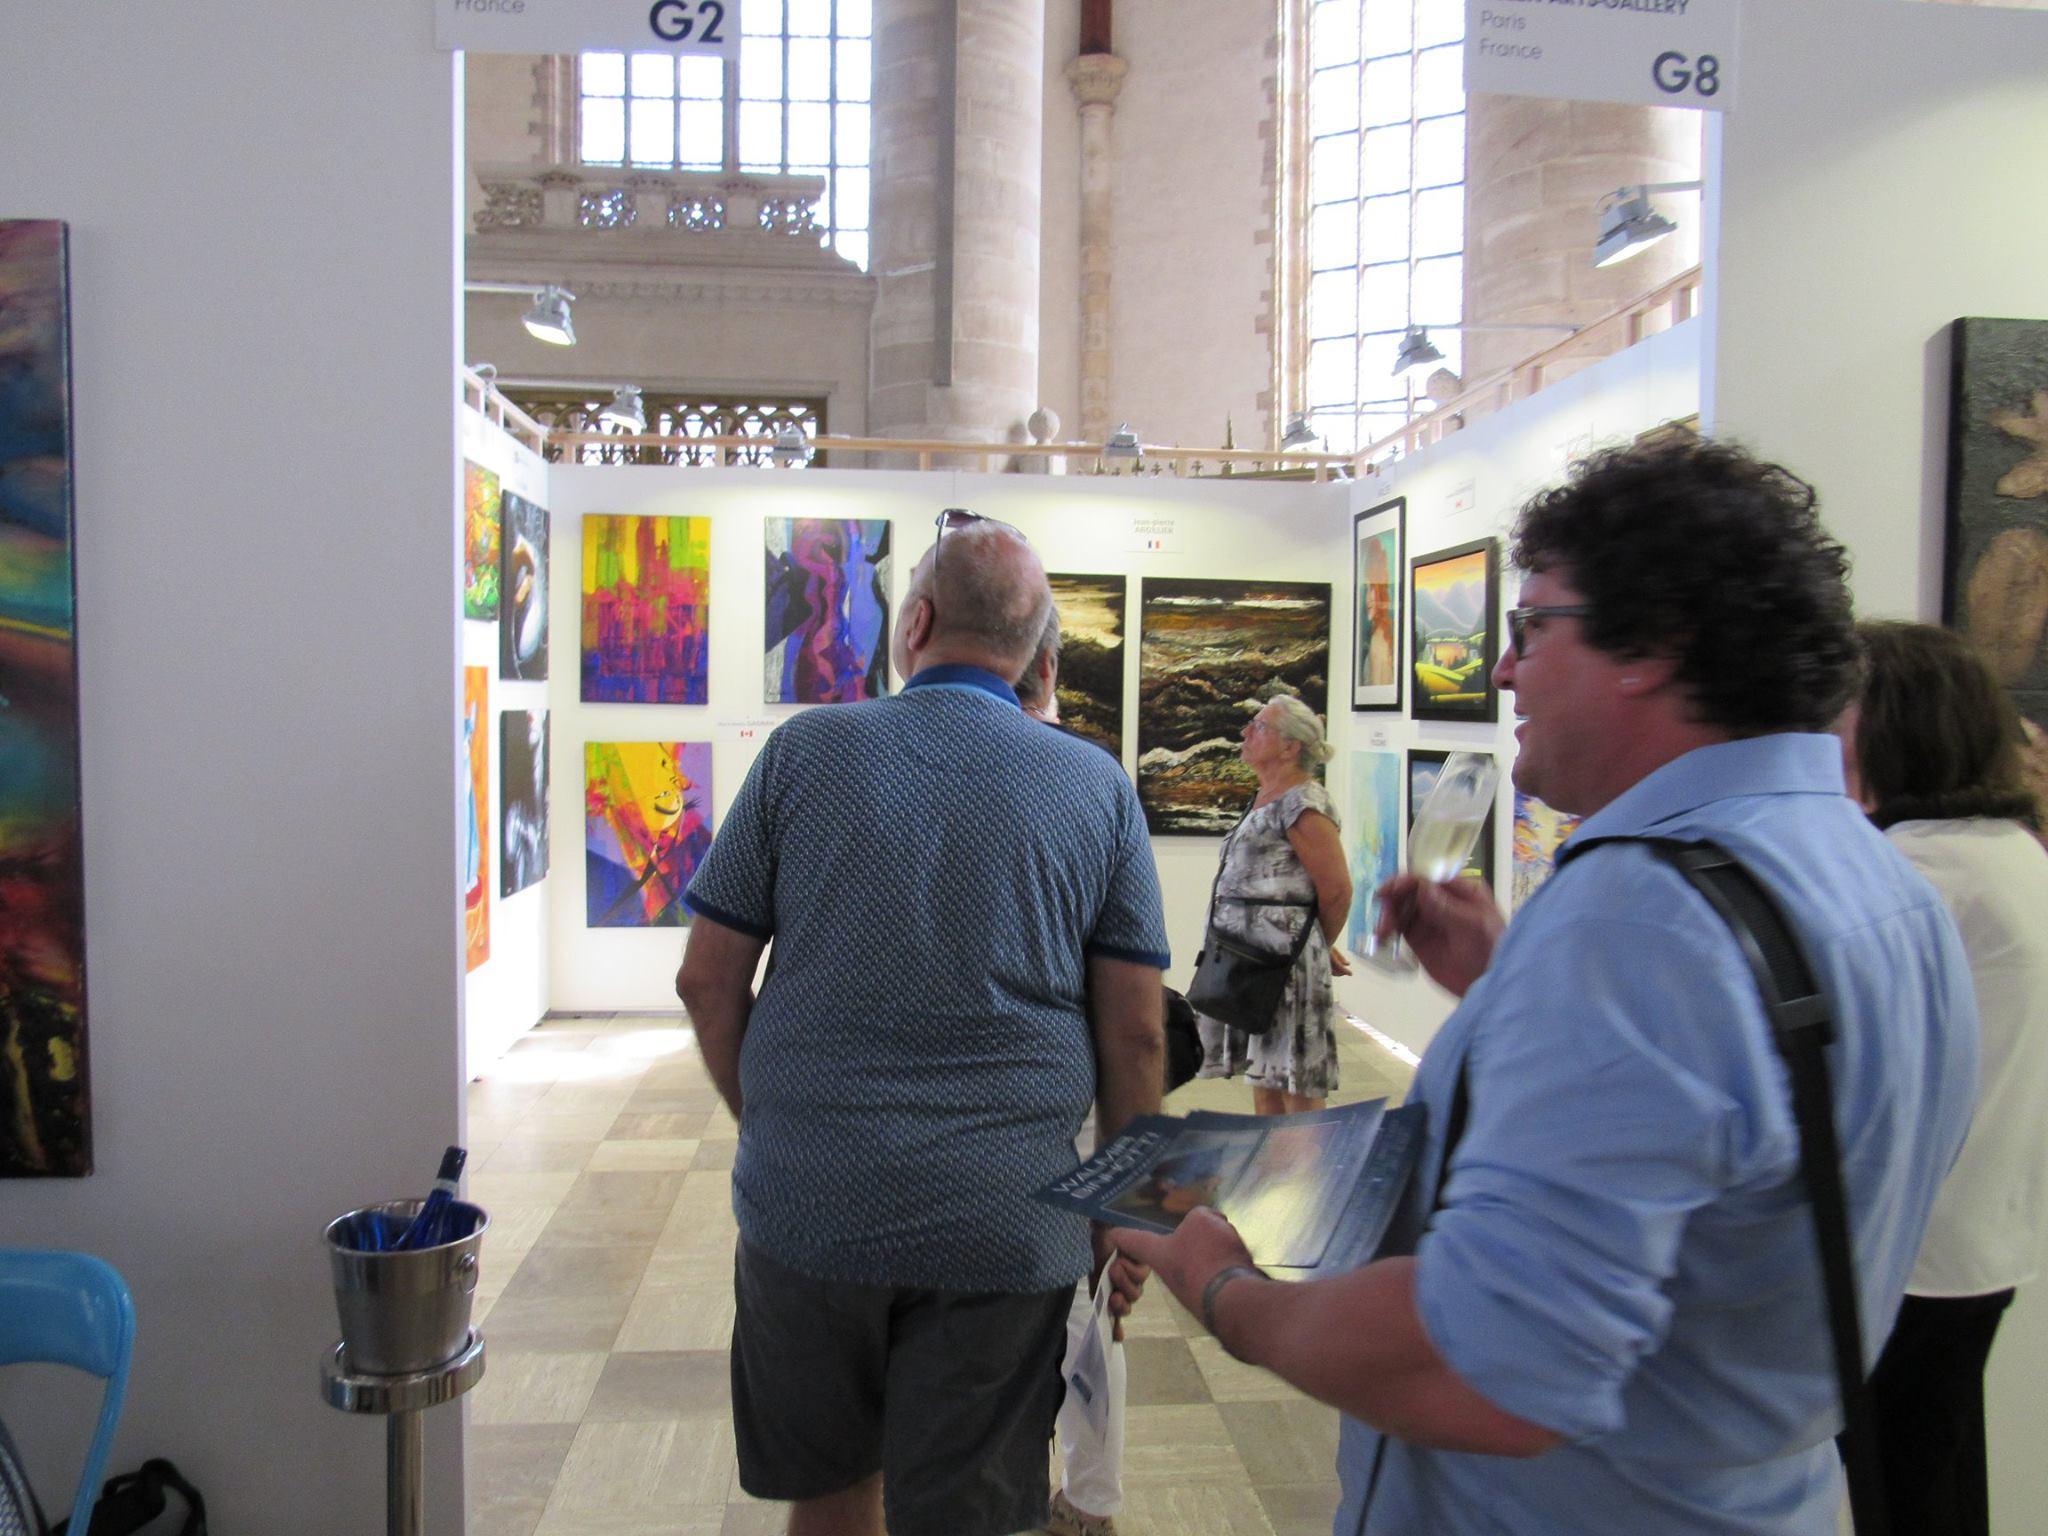 Rotterdam Intl Art Fair 2016 - SORiaN picture10.jpg